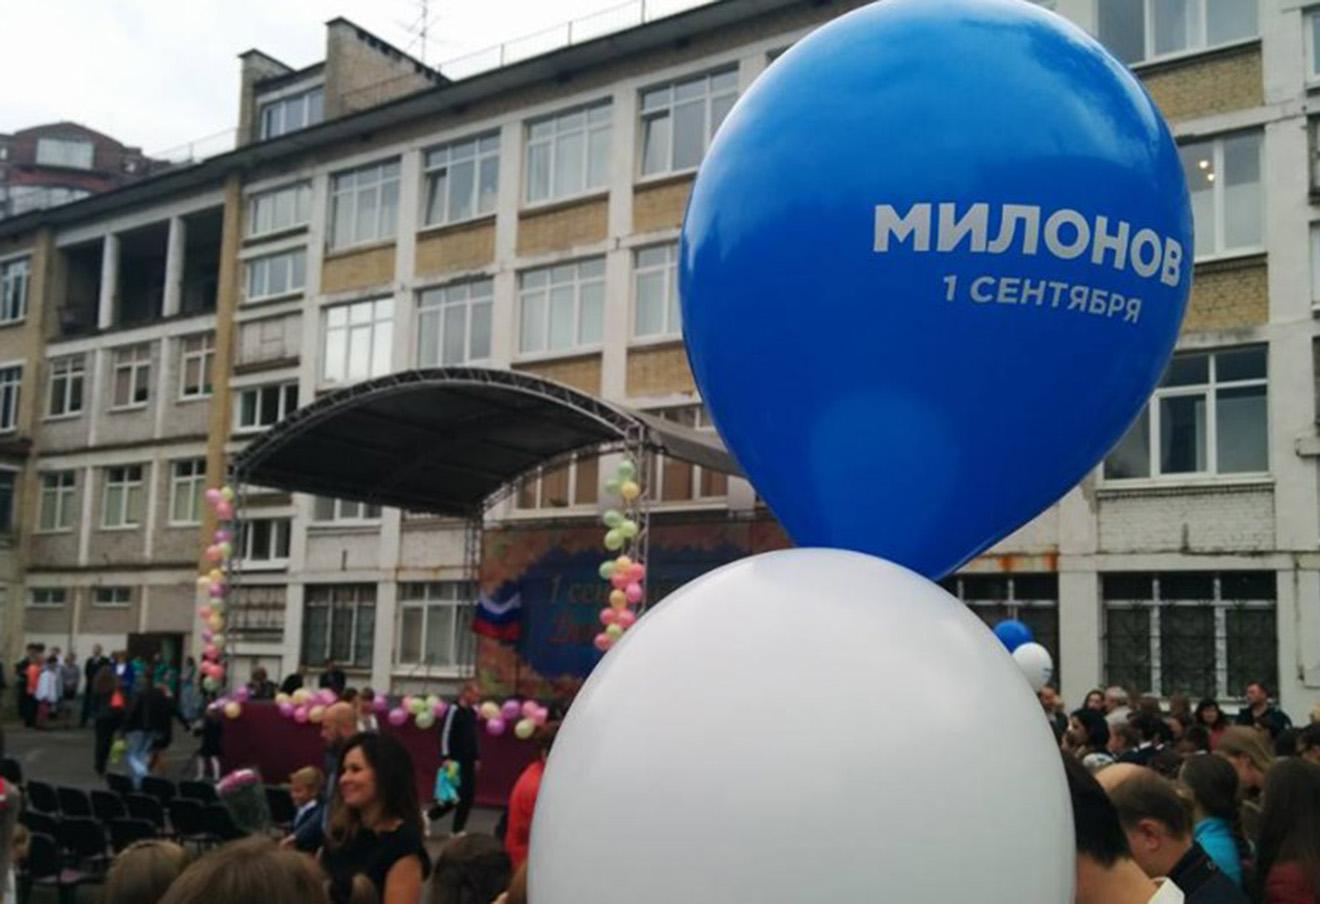 Фото: Журнал «Городской калейдоскоп» / ВКонтакте